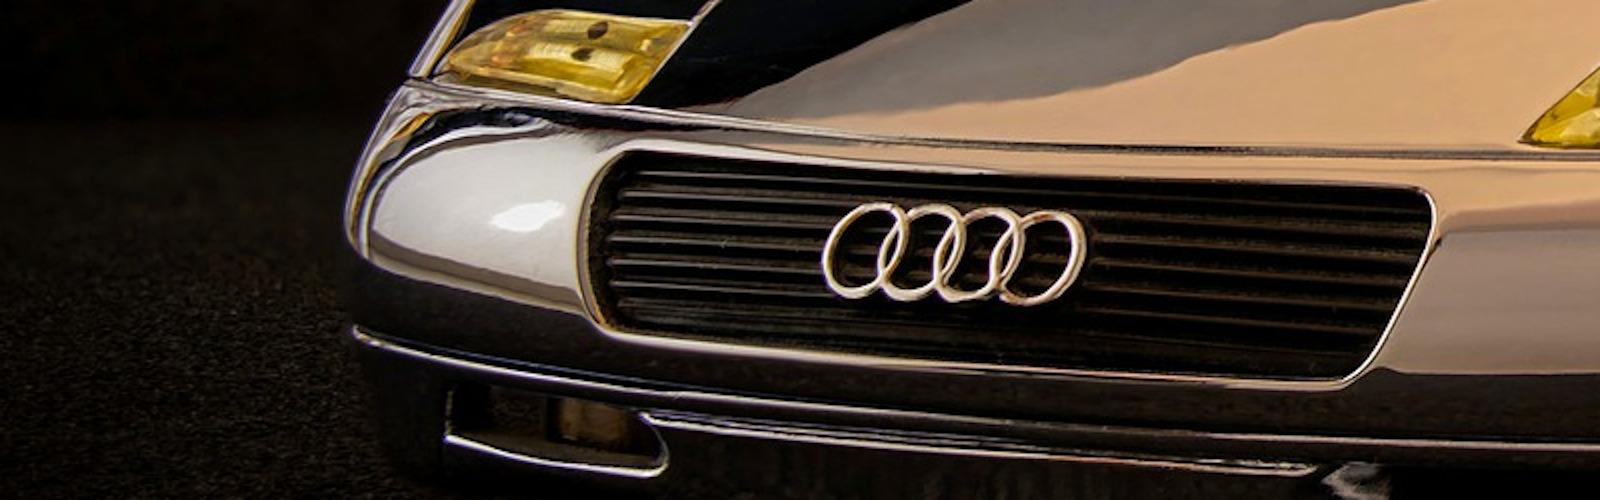 Audi 6-Zylinder